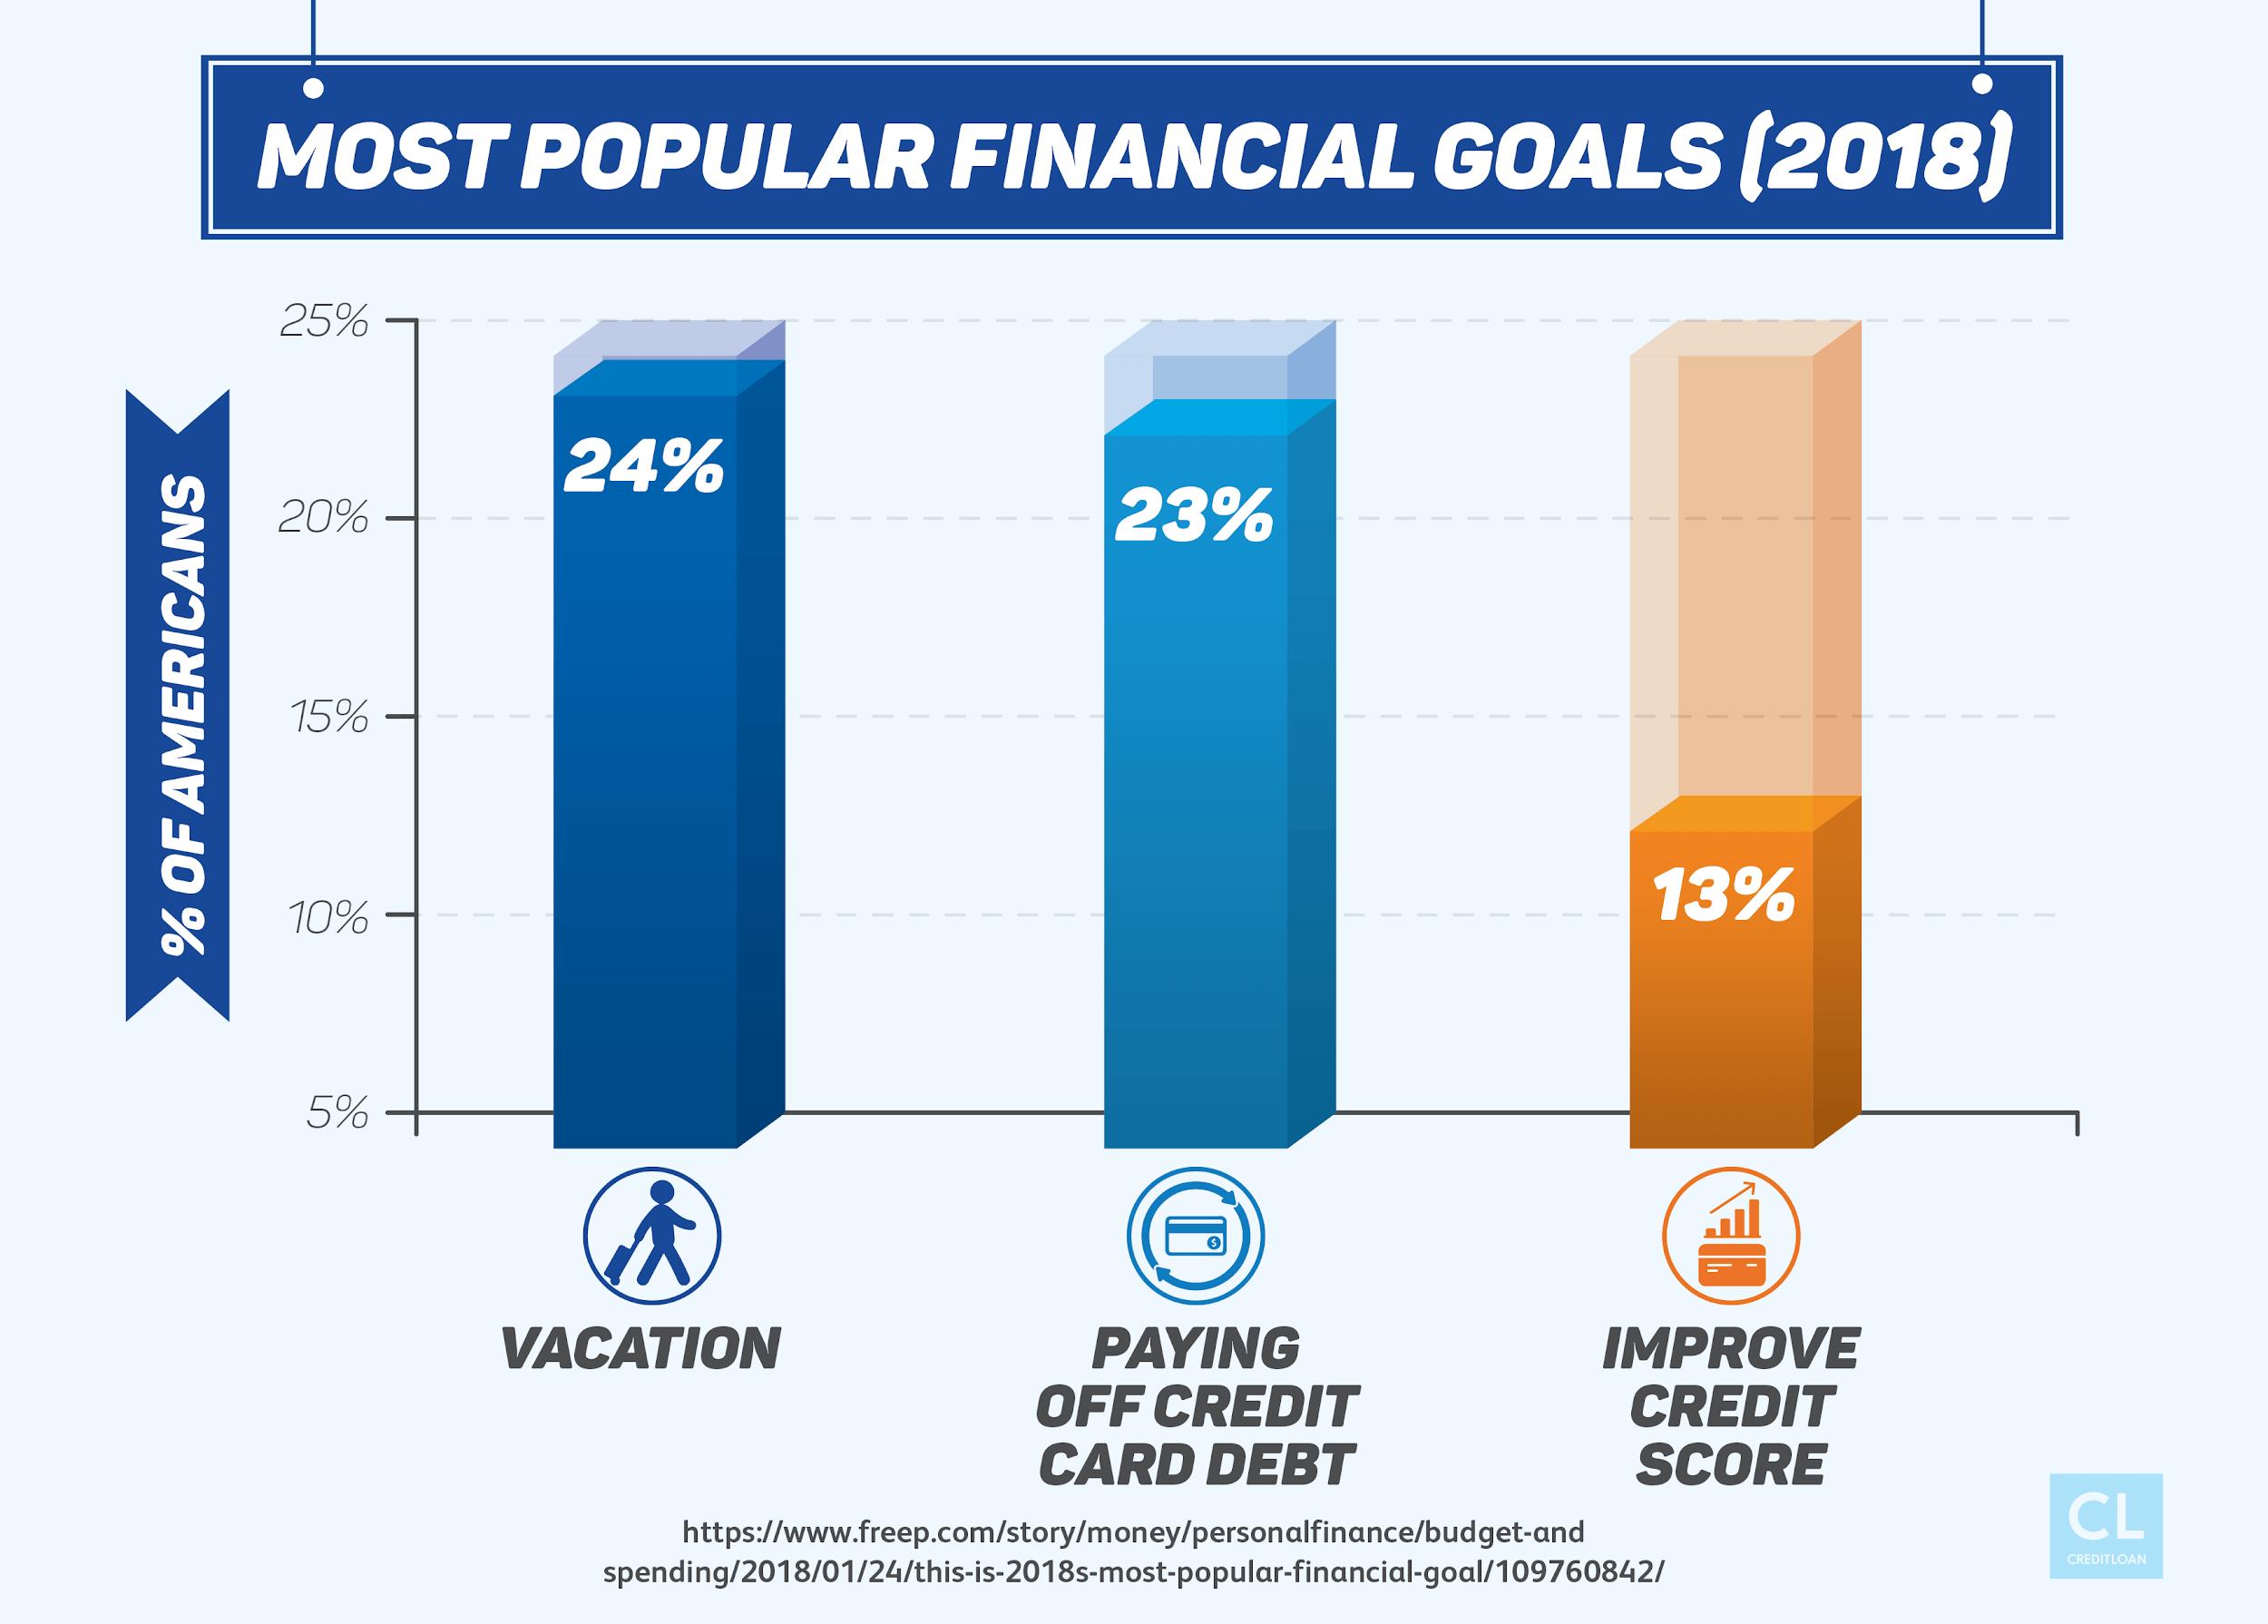 2018 Most Popular Financial Goals